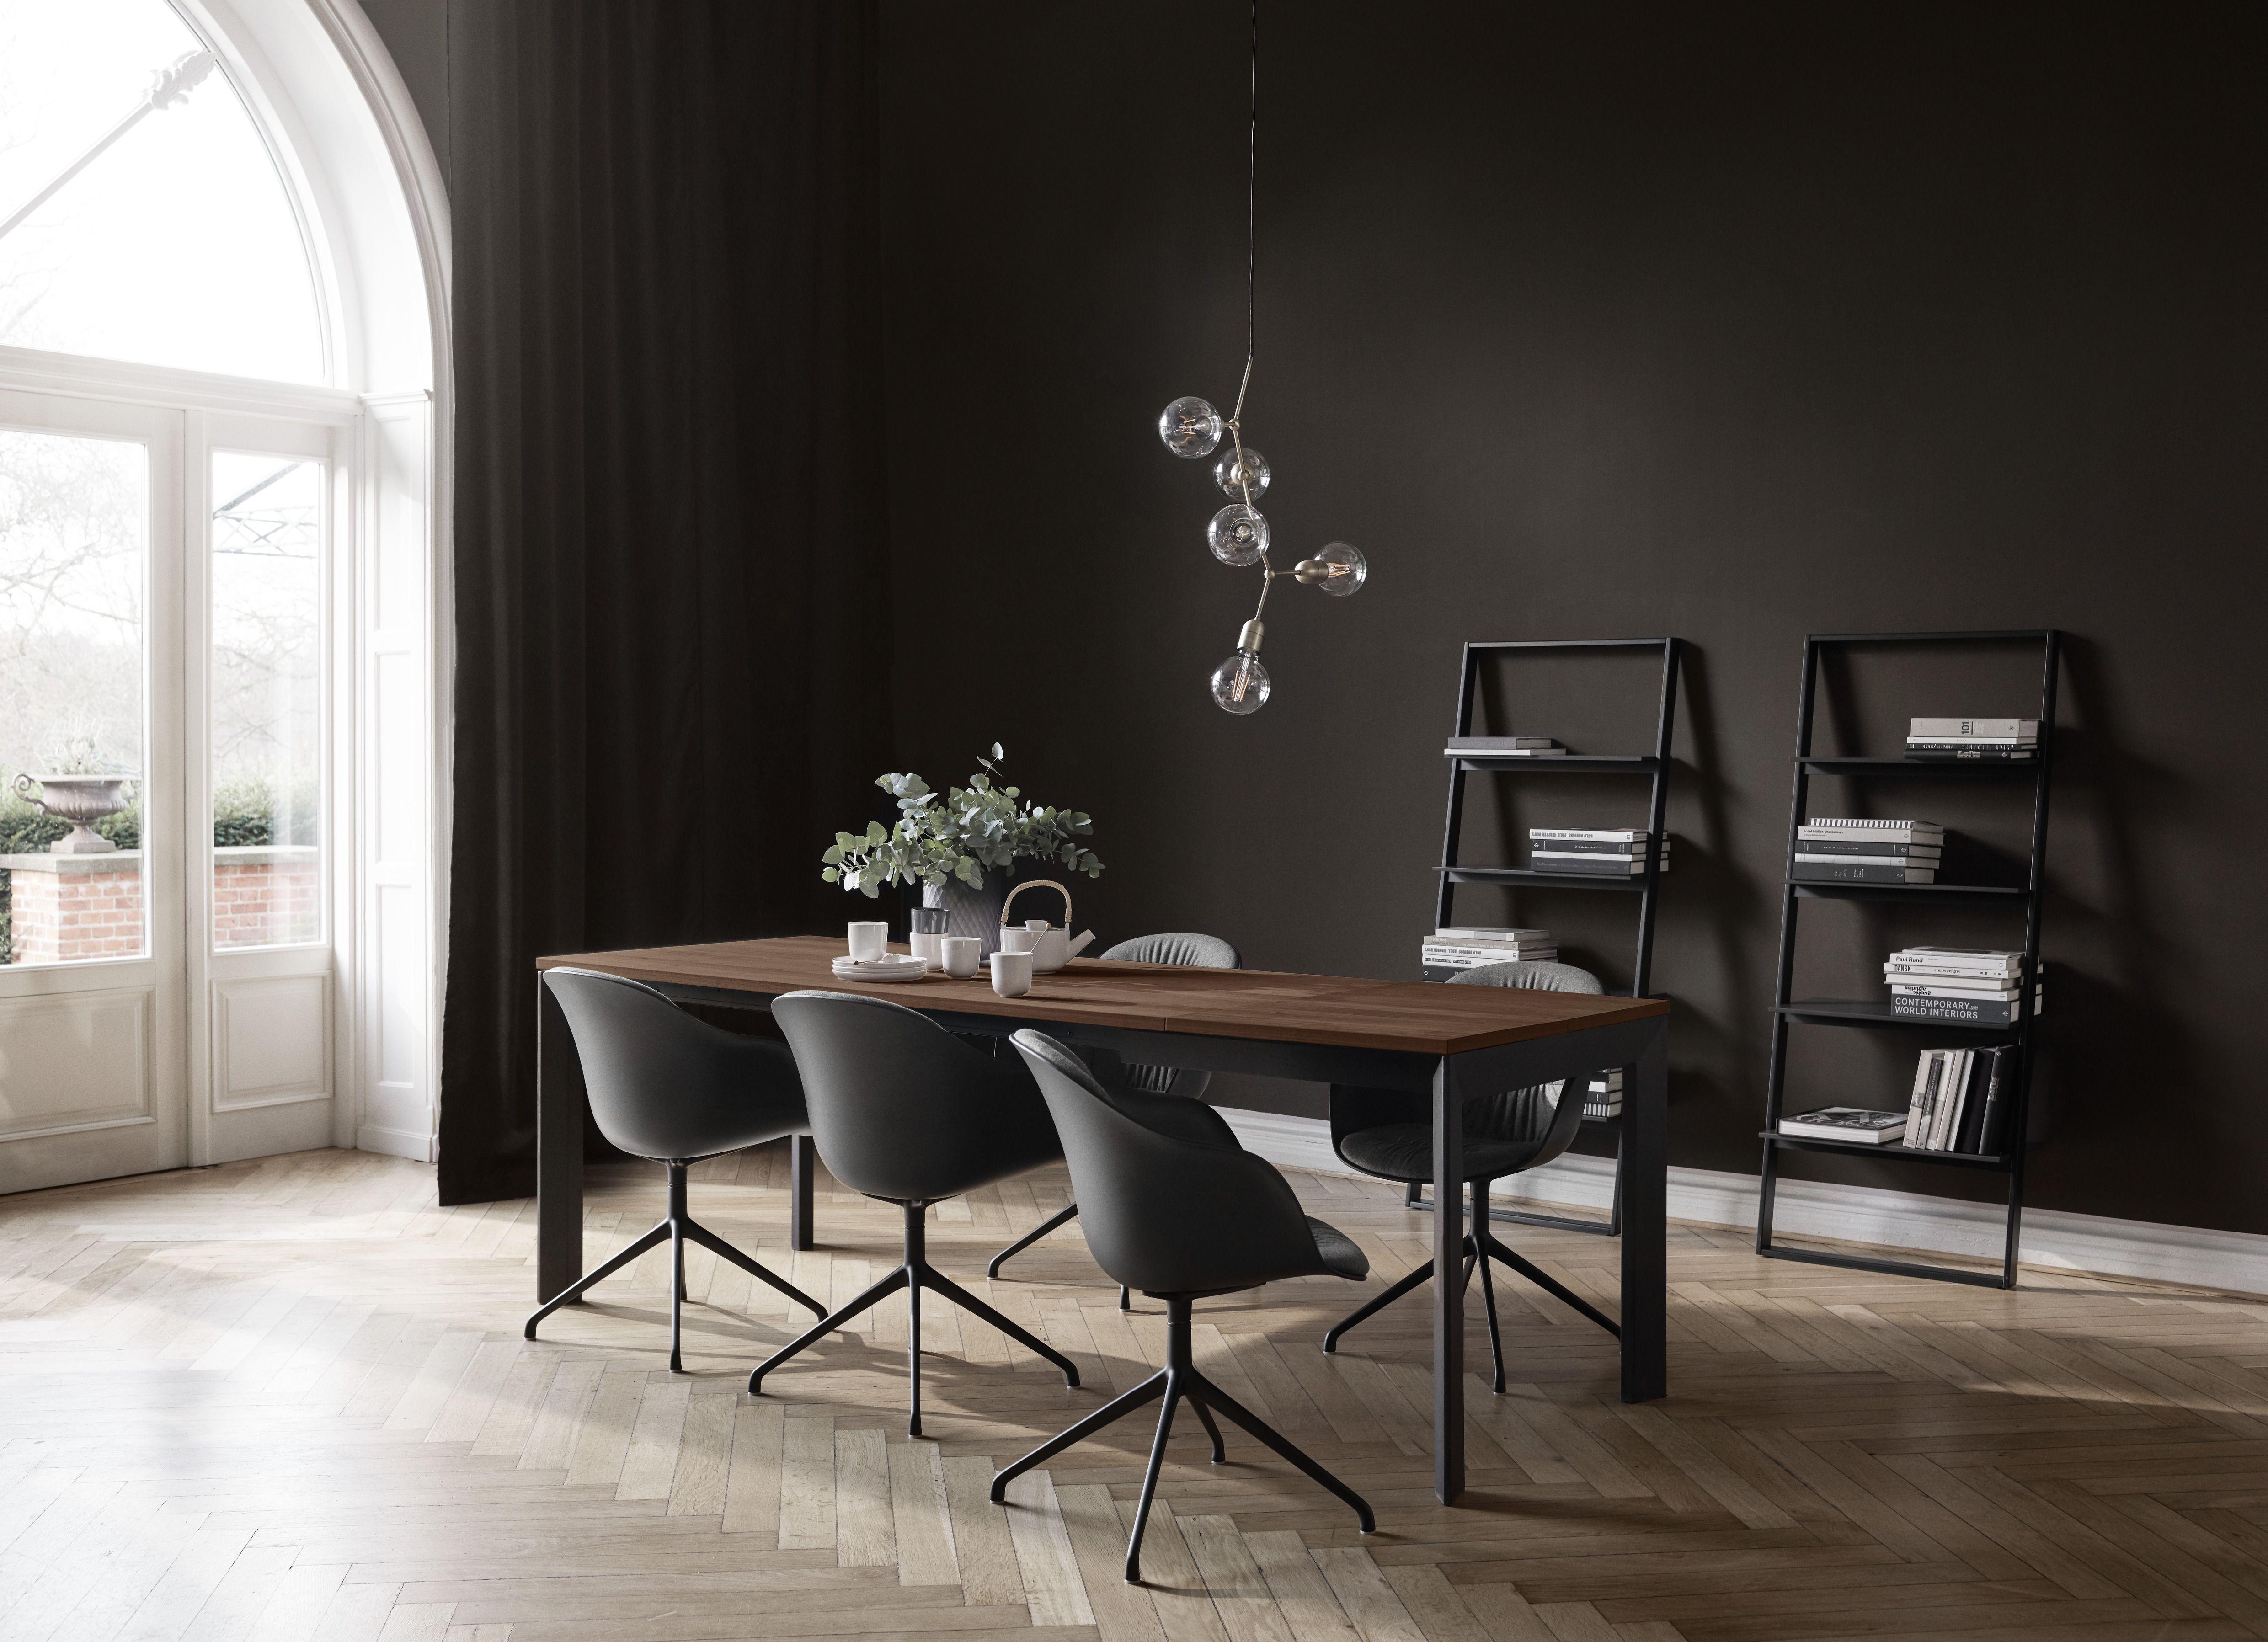 Table Lyon Chaises Adelaide Combinaisons Murales Bordeaux Et